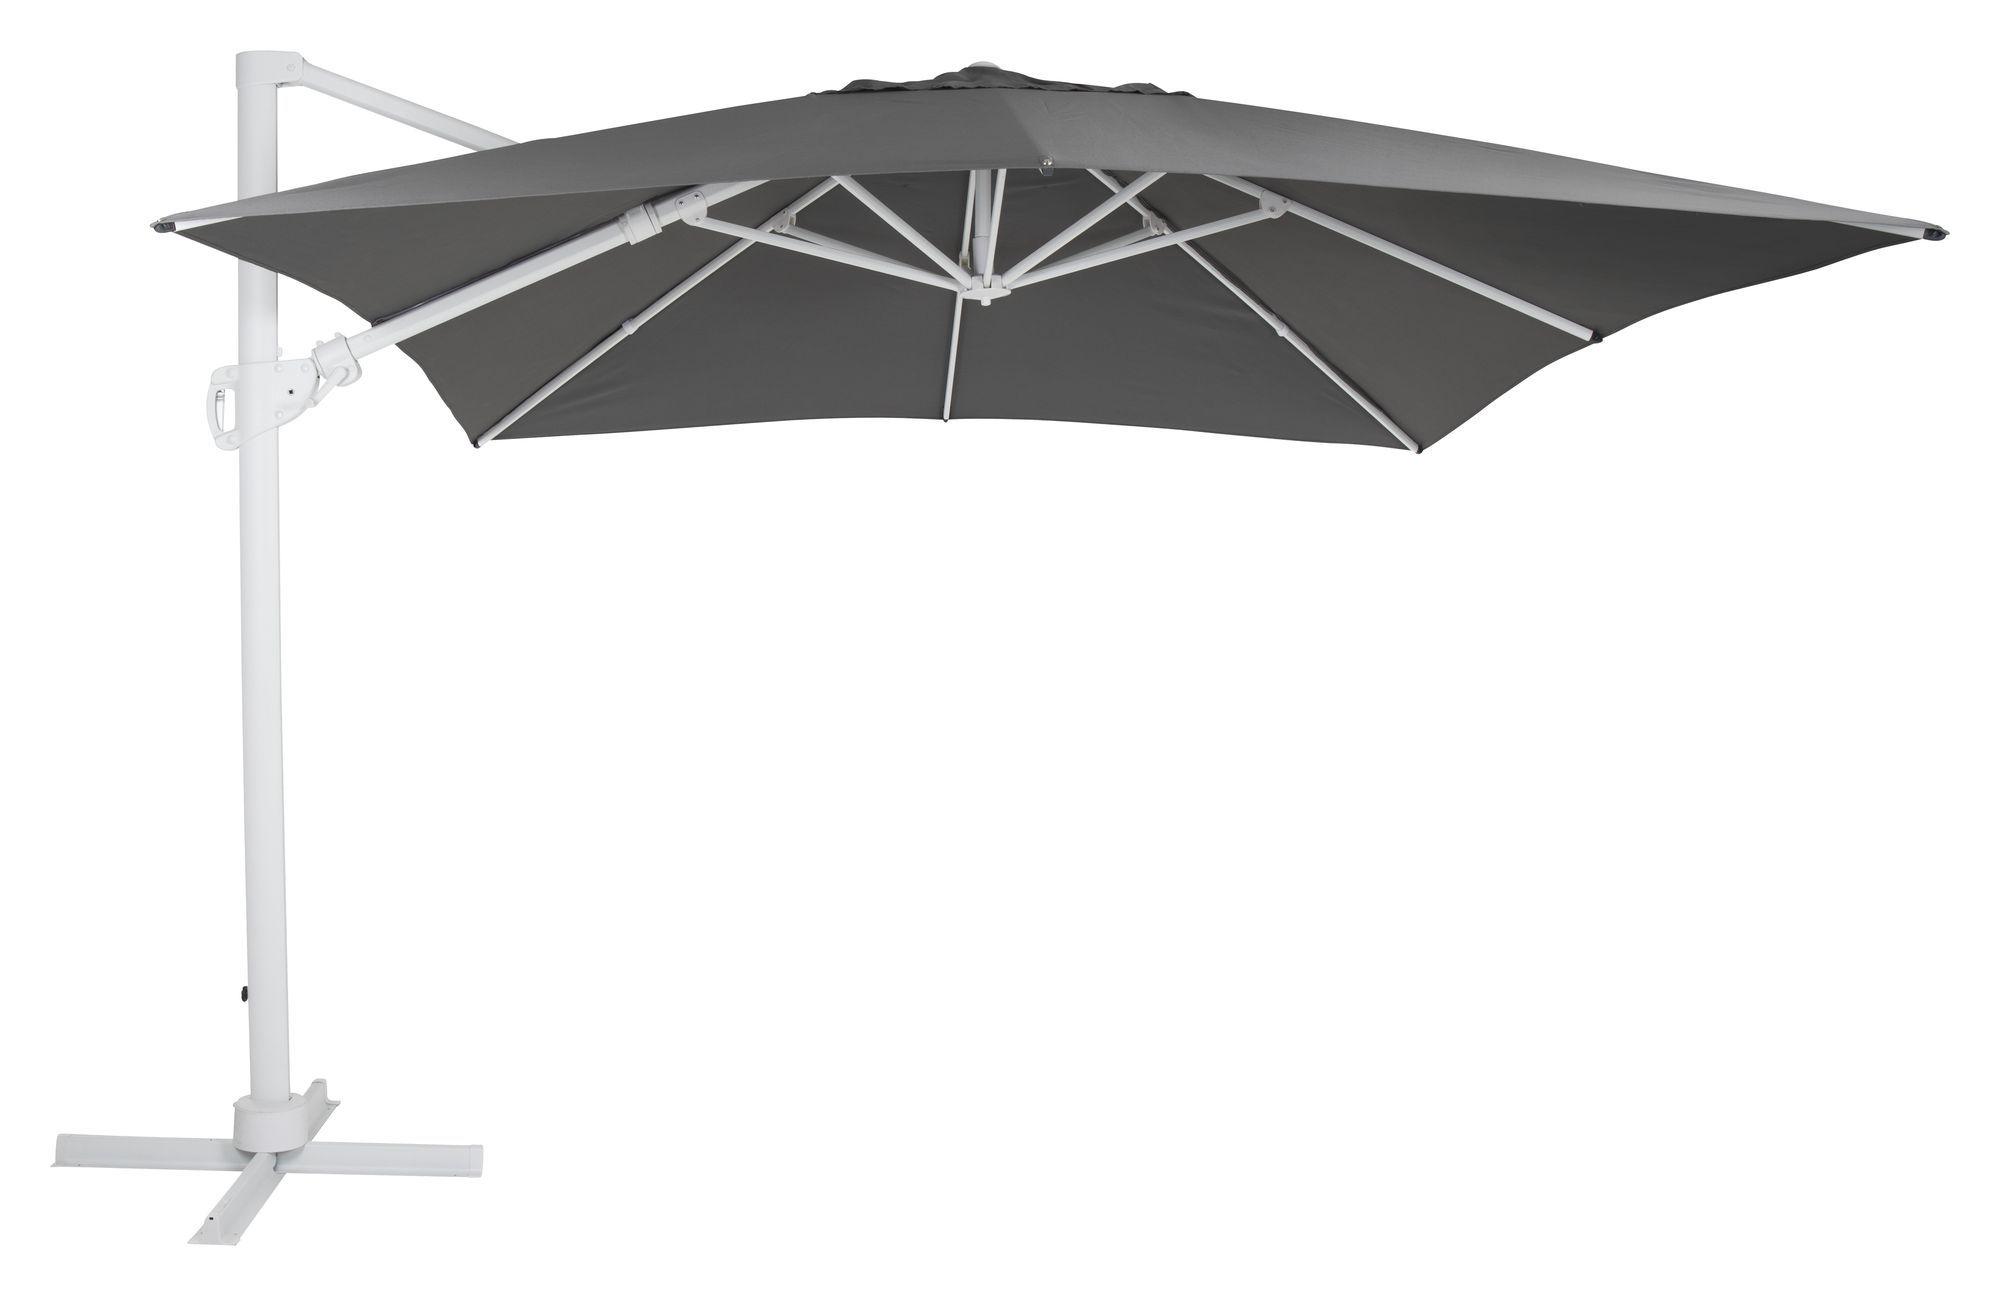 Brafab Varallo Parasol Frithængende - Hvid/Grå, 300x300